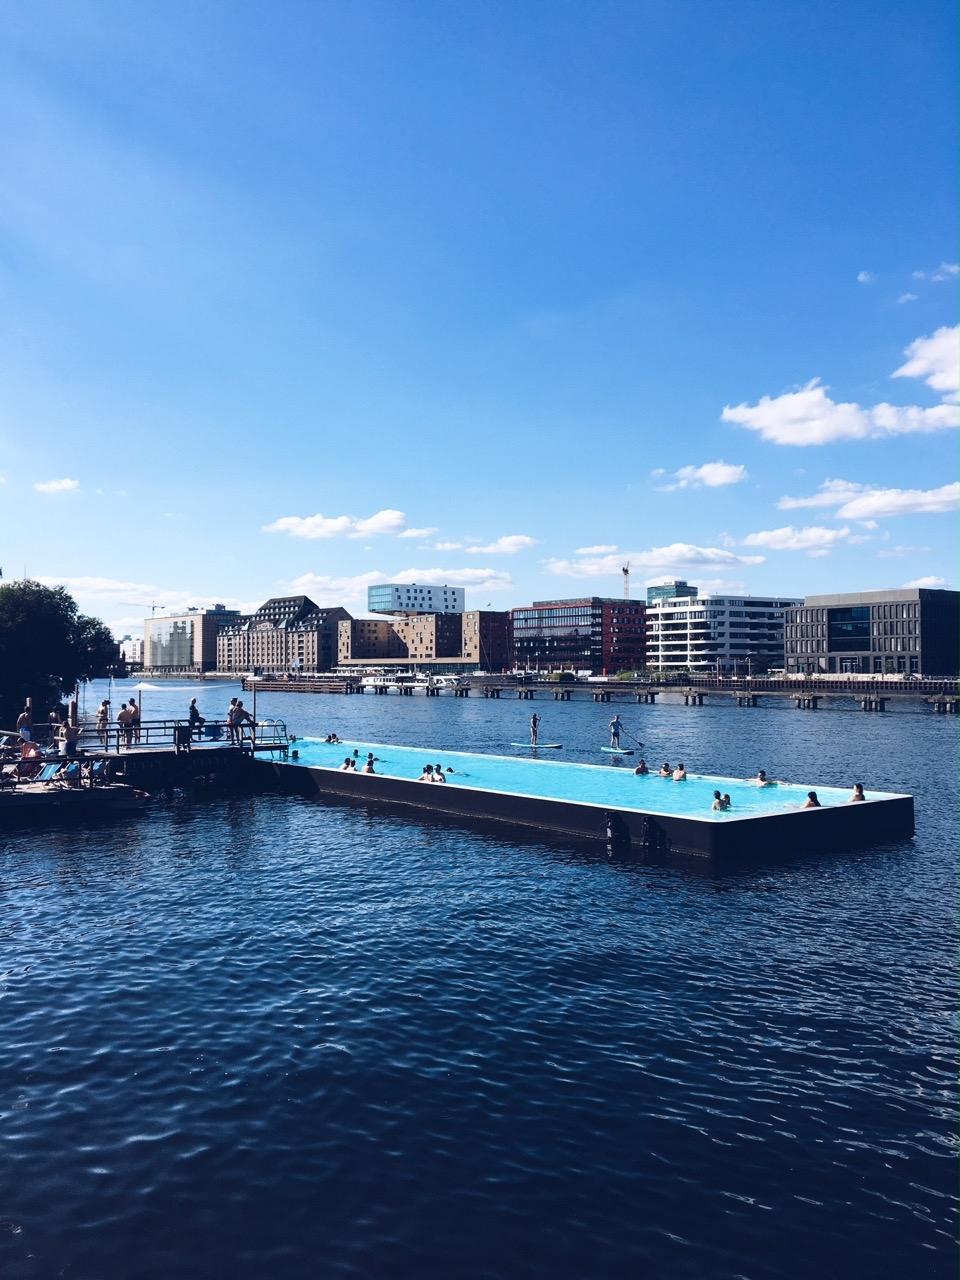 Badeschiff_Berlin